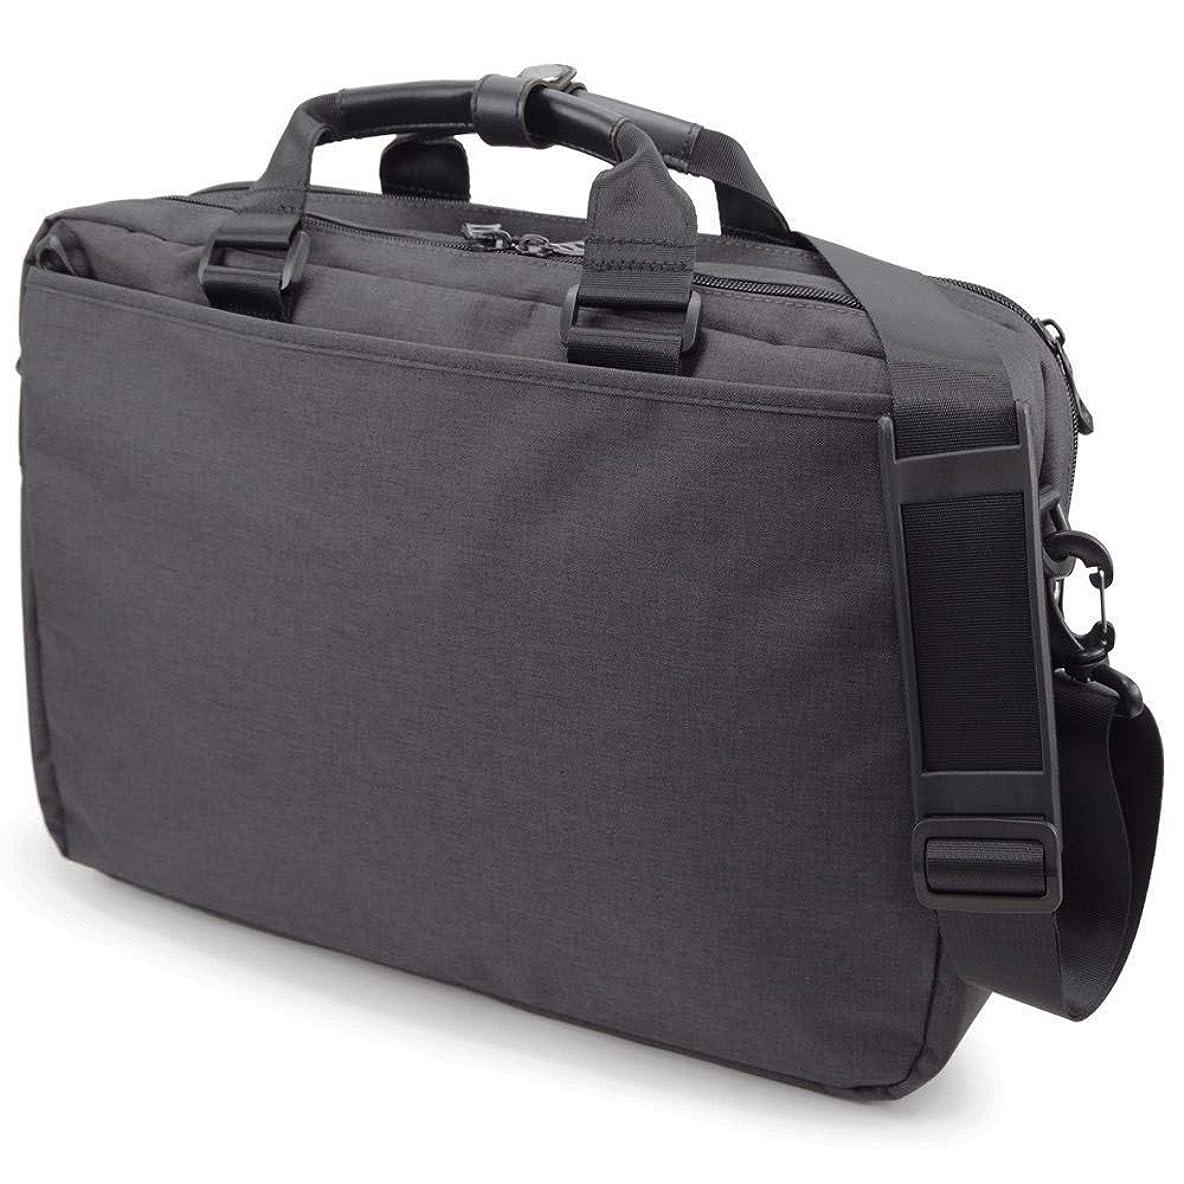 効能戸惑う再編成する(Marib select) 撥水機能付き ビジネスバッグ ショルダーバッグ A4対応 ウレタン入り PC対応 キャリーオン対応 ブリーフケース メンズ 通勤 営業鞄 バッグ #c359